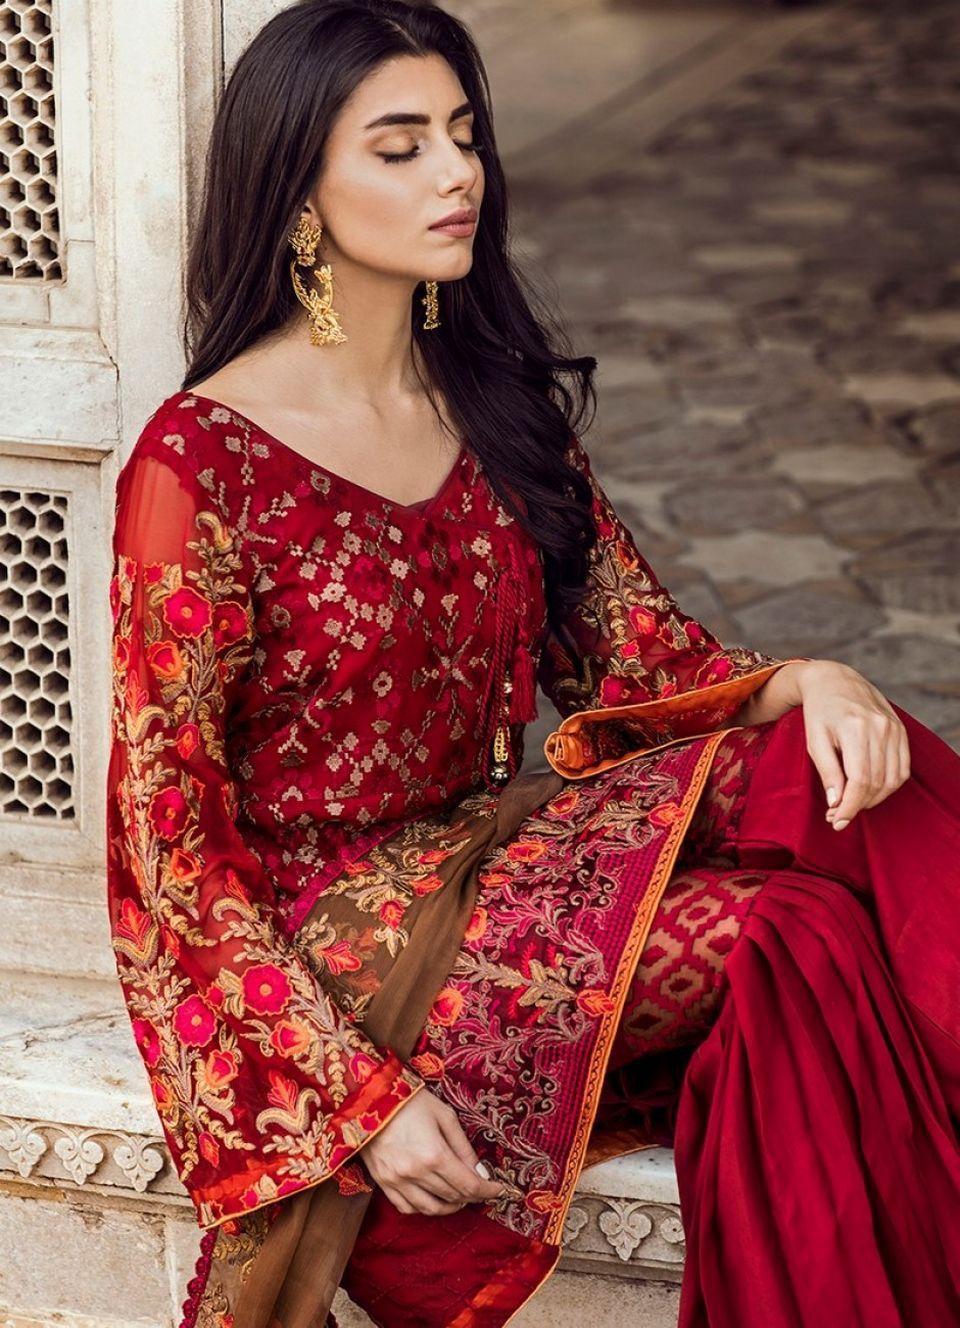 e0588dbce2e7 Iznik Chiffon Luxury Wedding Collection 2018 - Yourfirstwedding.com Shalwar  Kameez